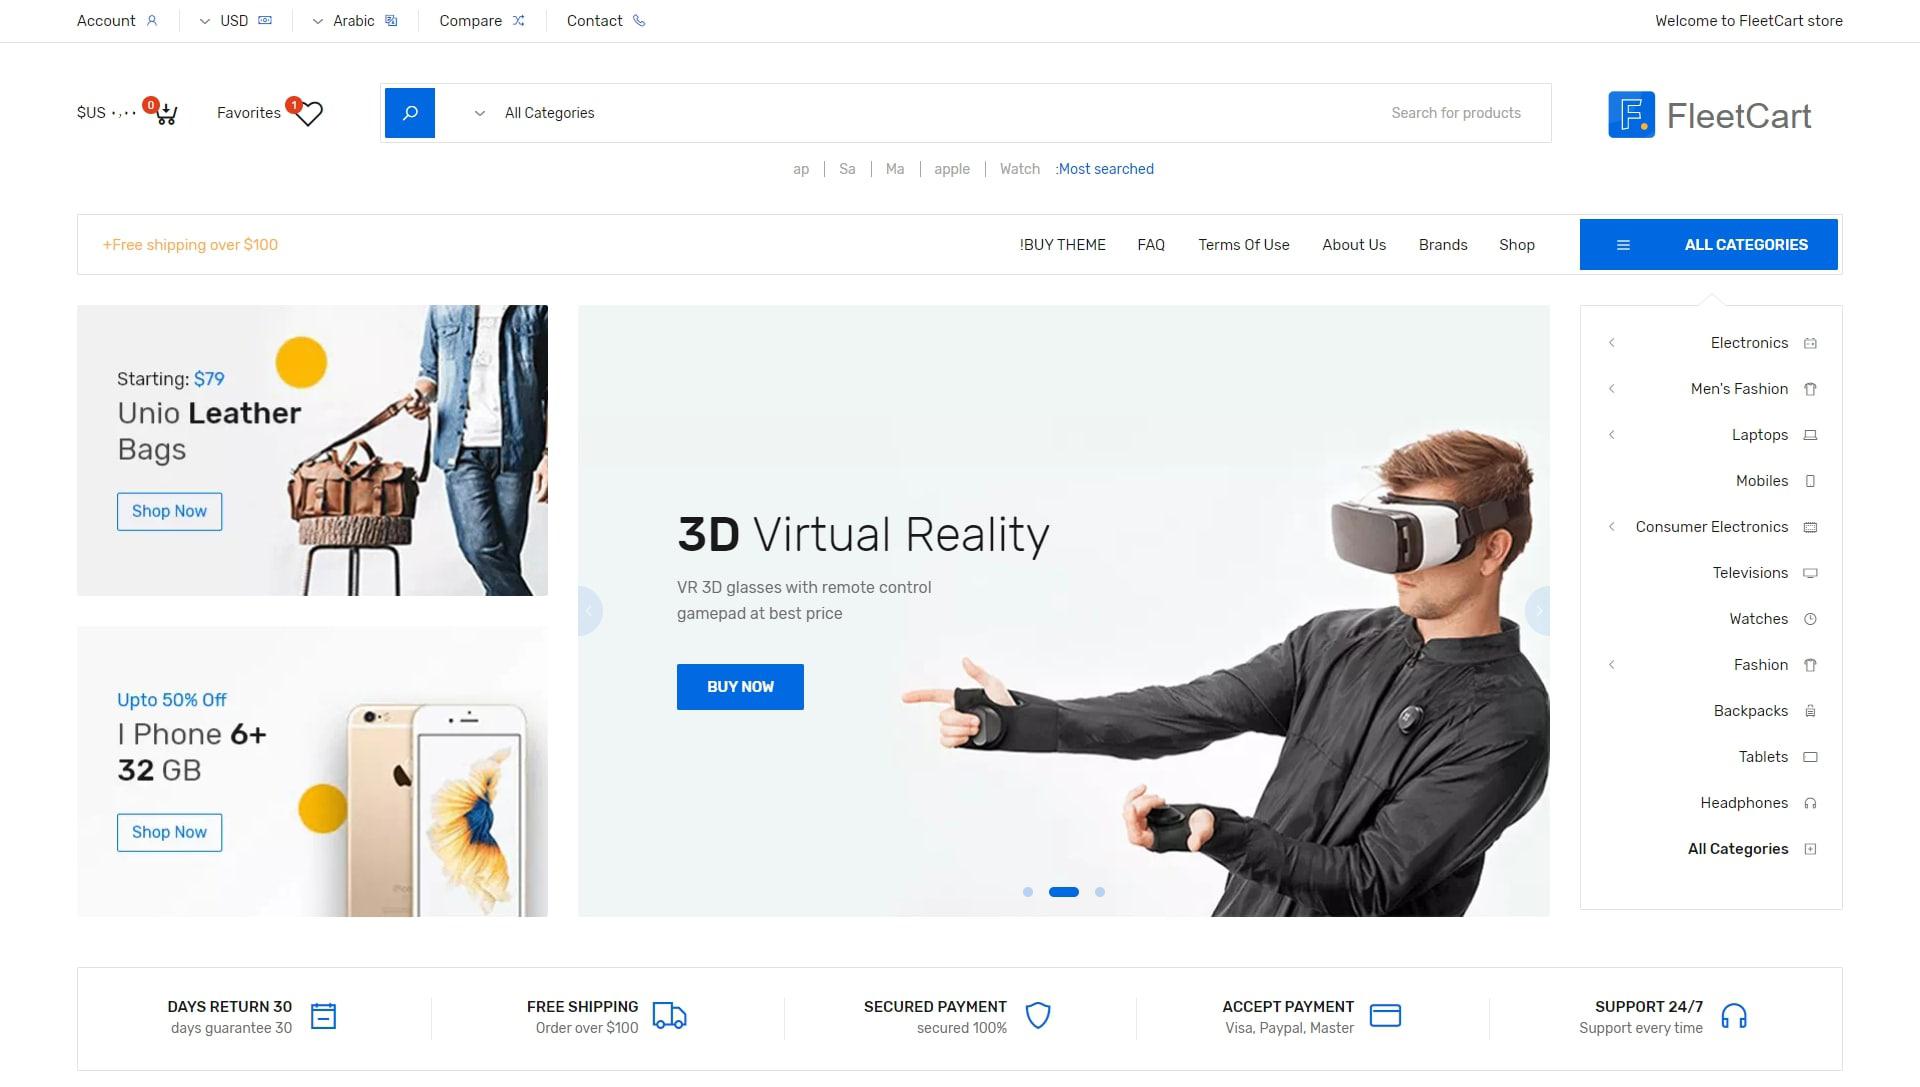 Ecommerce full Website - Amazon Alibaba Souq Similar System